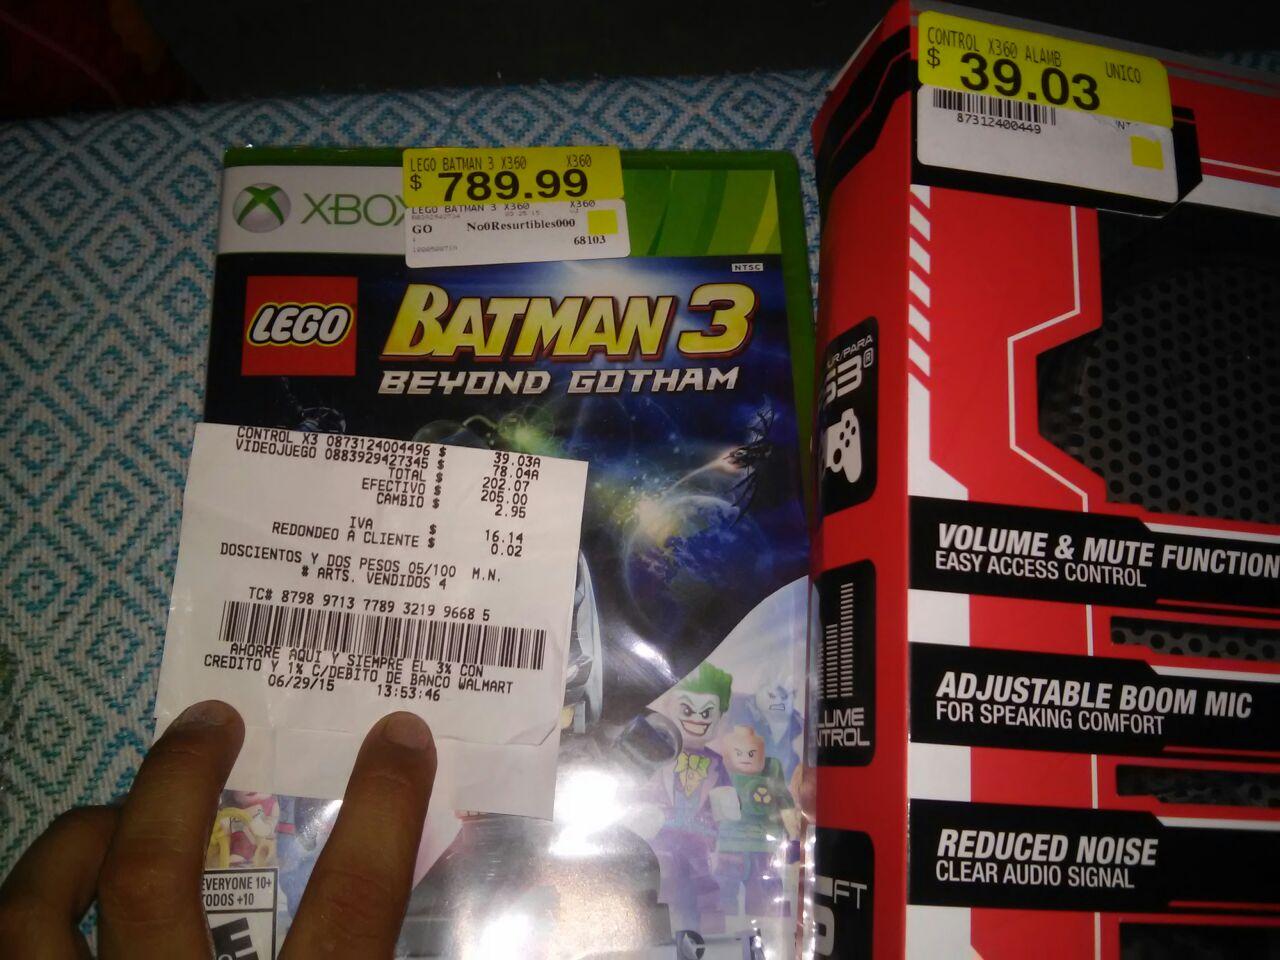 Bodega Aurrerá: Lego Batman 3 para Xbox 360 a $78.03 y audifonos para Play Station a $39.03